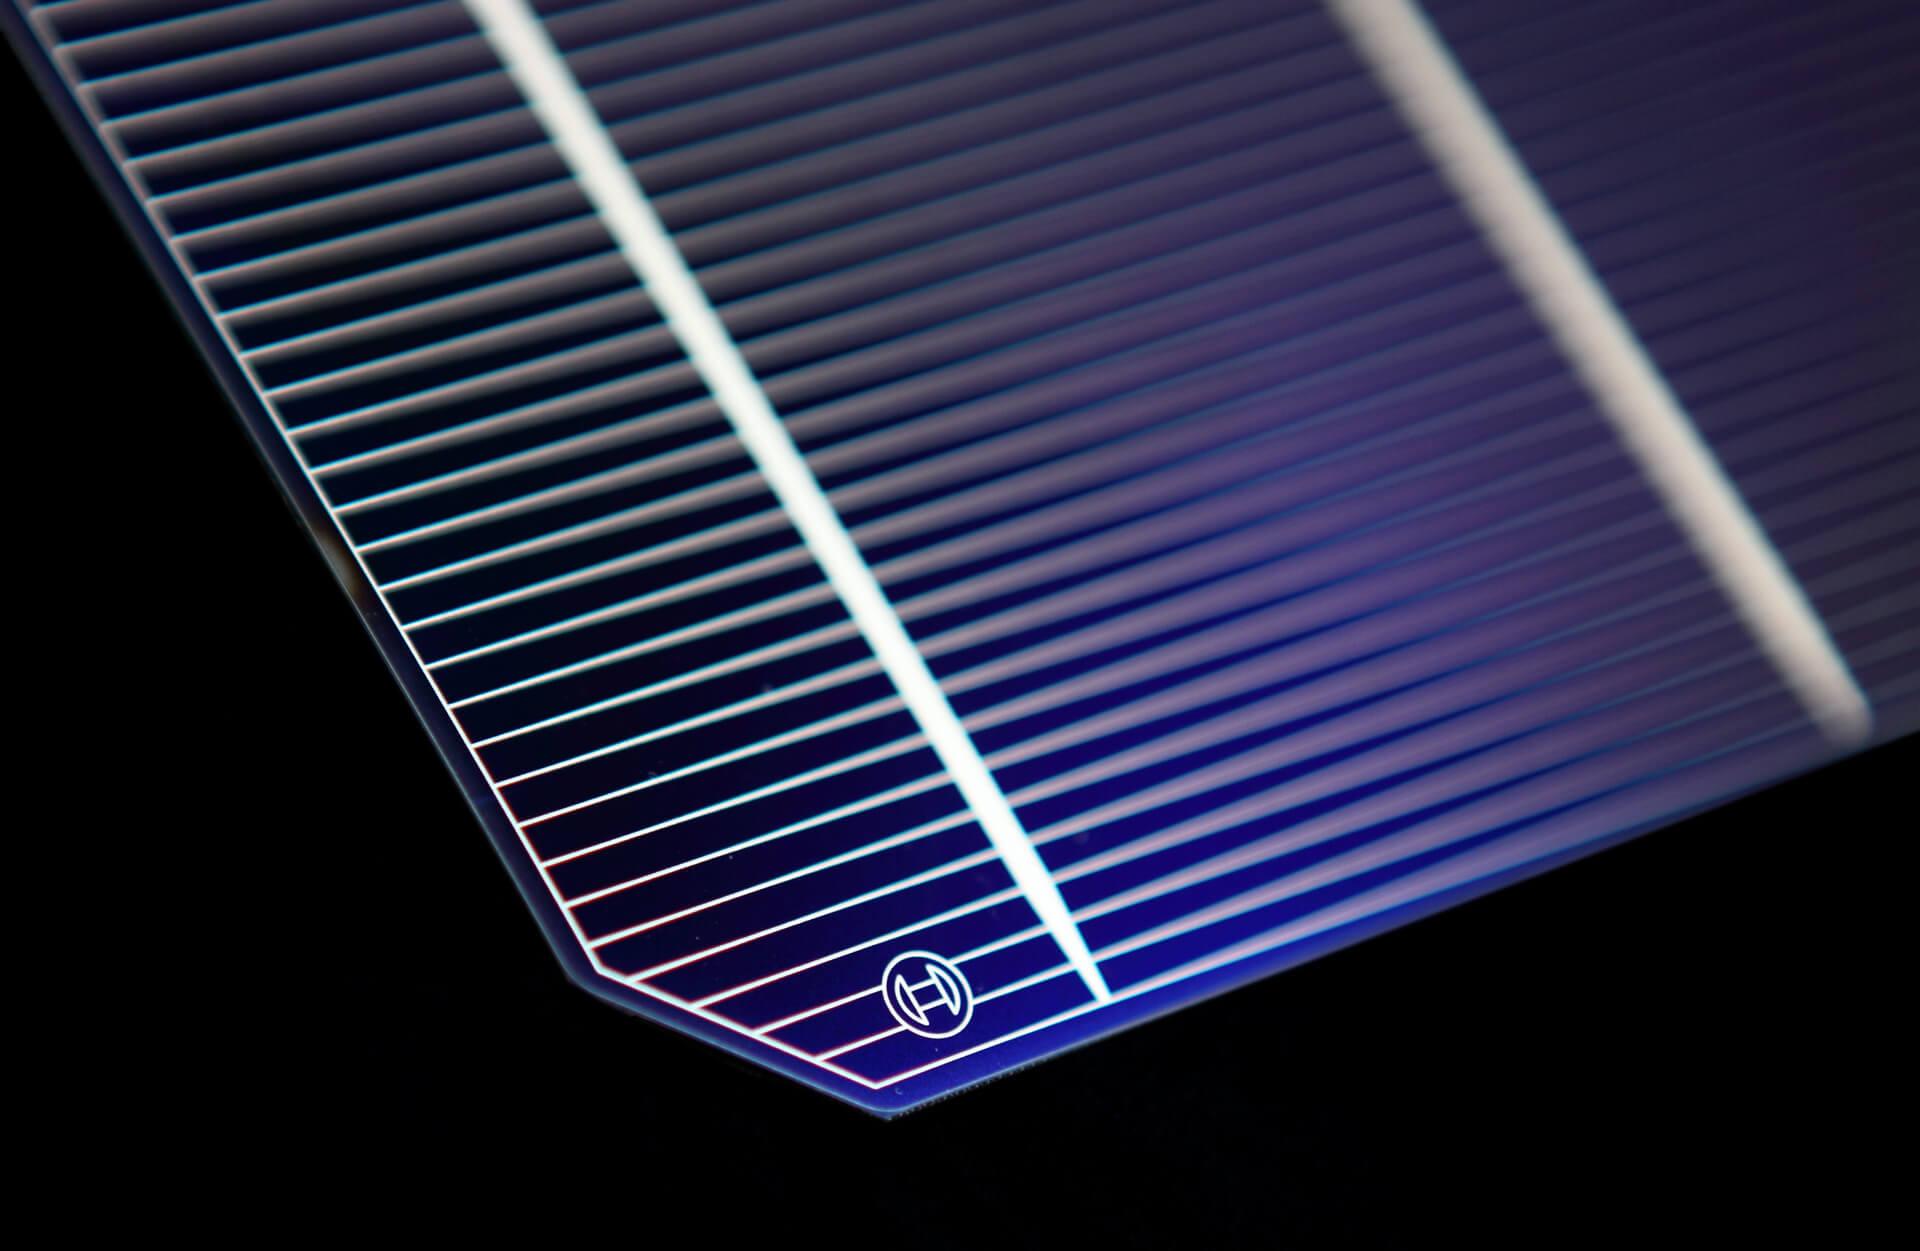 Napelem teljesítmény és a napelem hatásfok